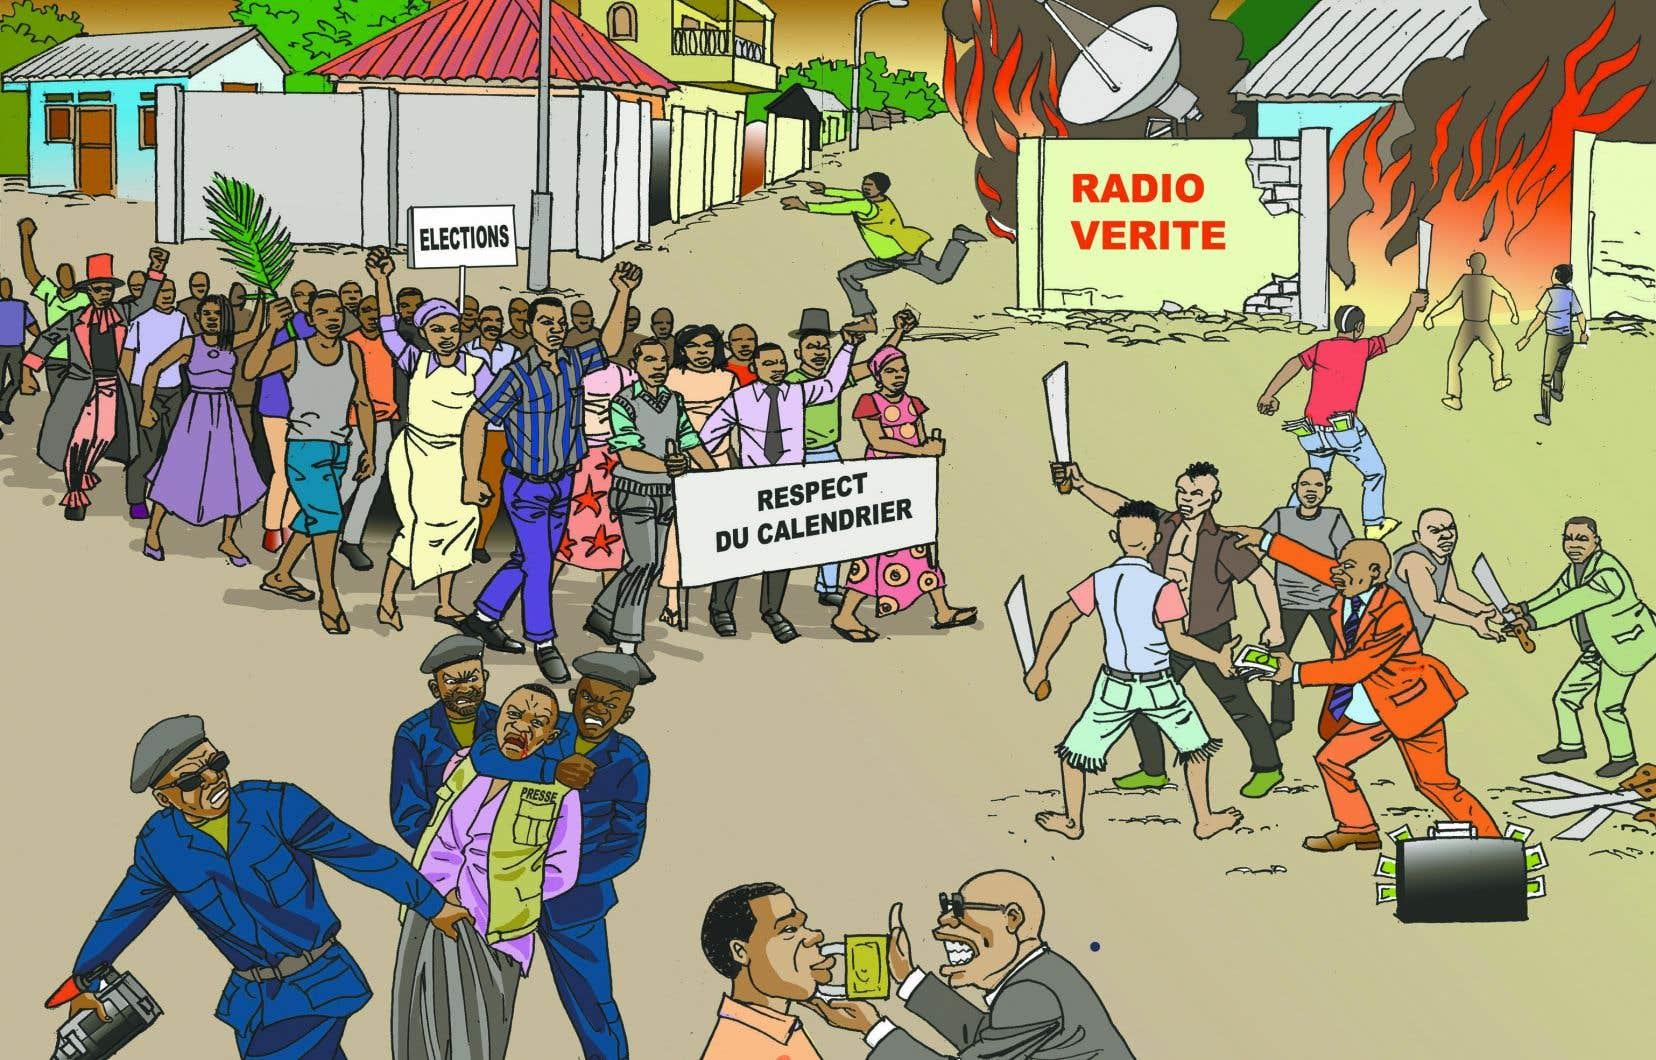 Pour encourager les Congolais à agir contre le régime qui les oppresse, l'organisme Développement et Paix a mis en place un projet d'éducation civique et électorale.